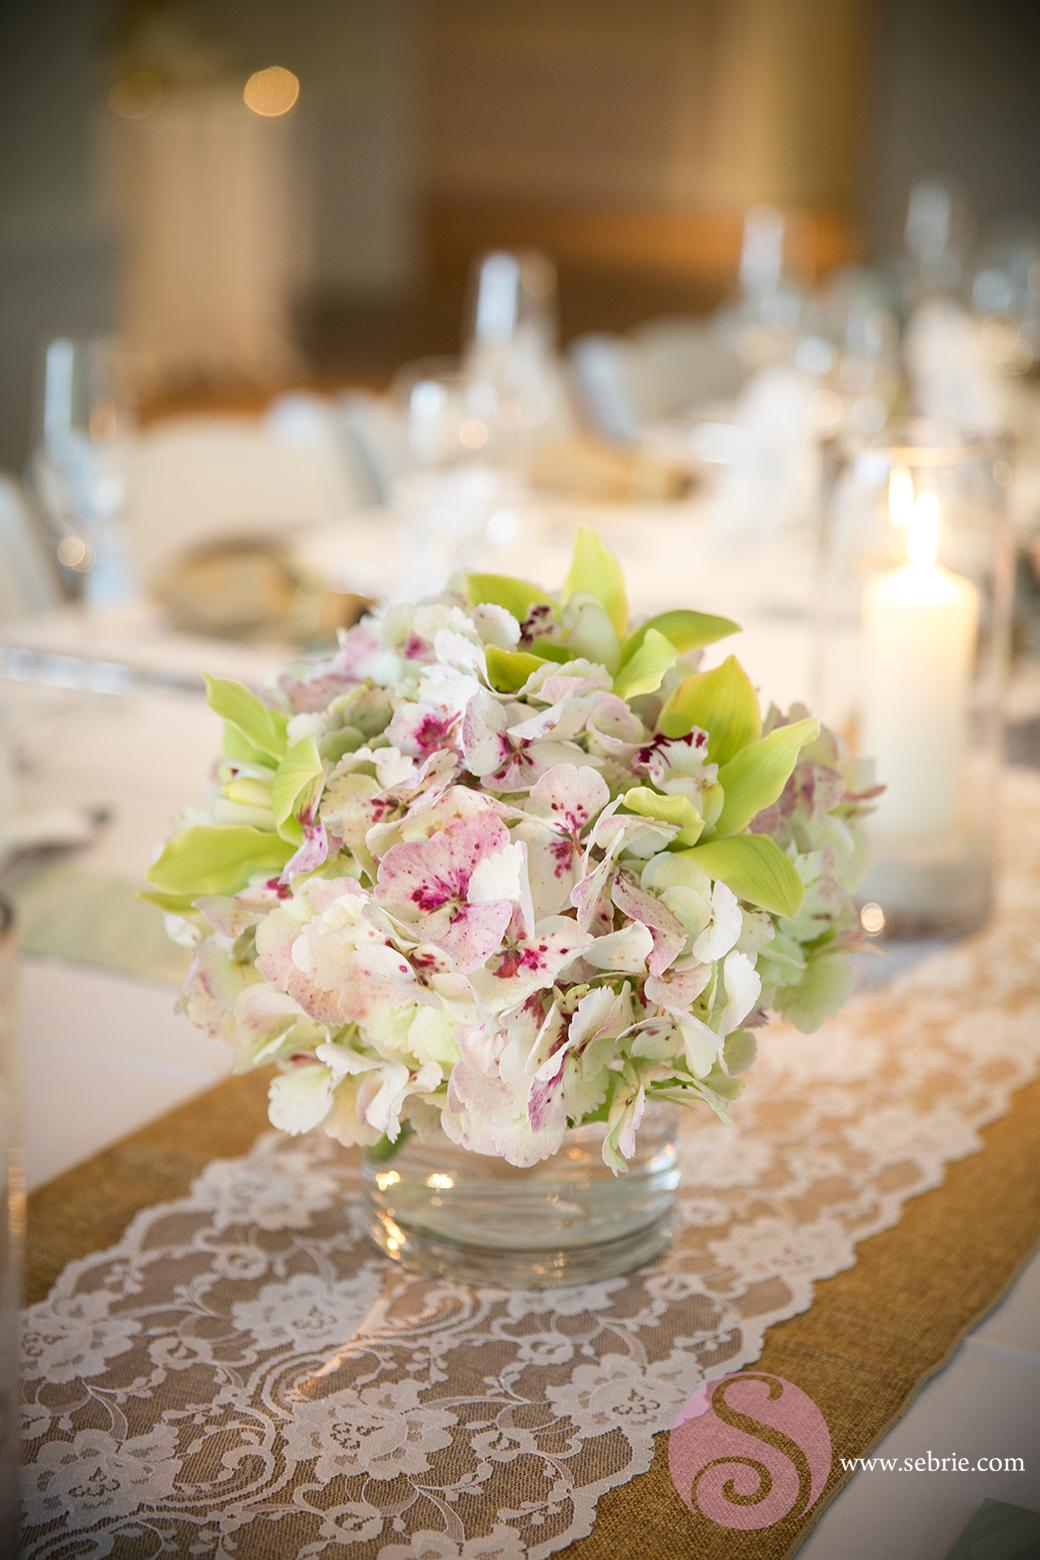 flowers-lace-burlap